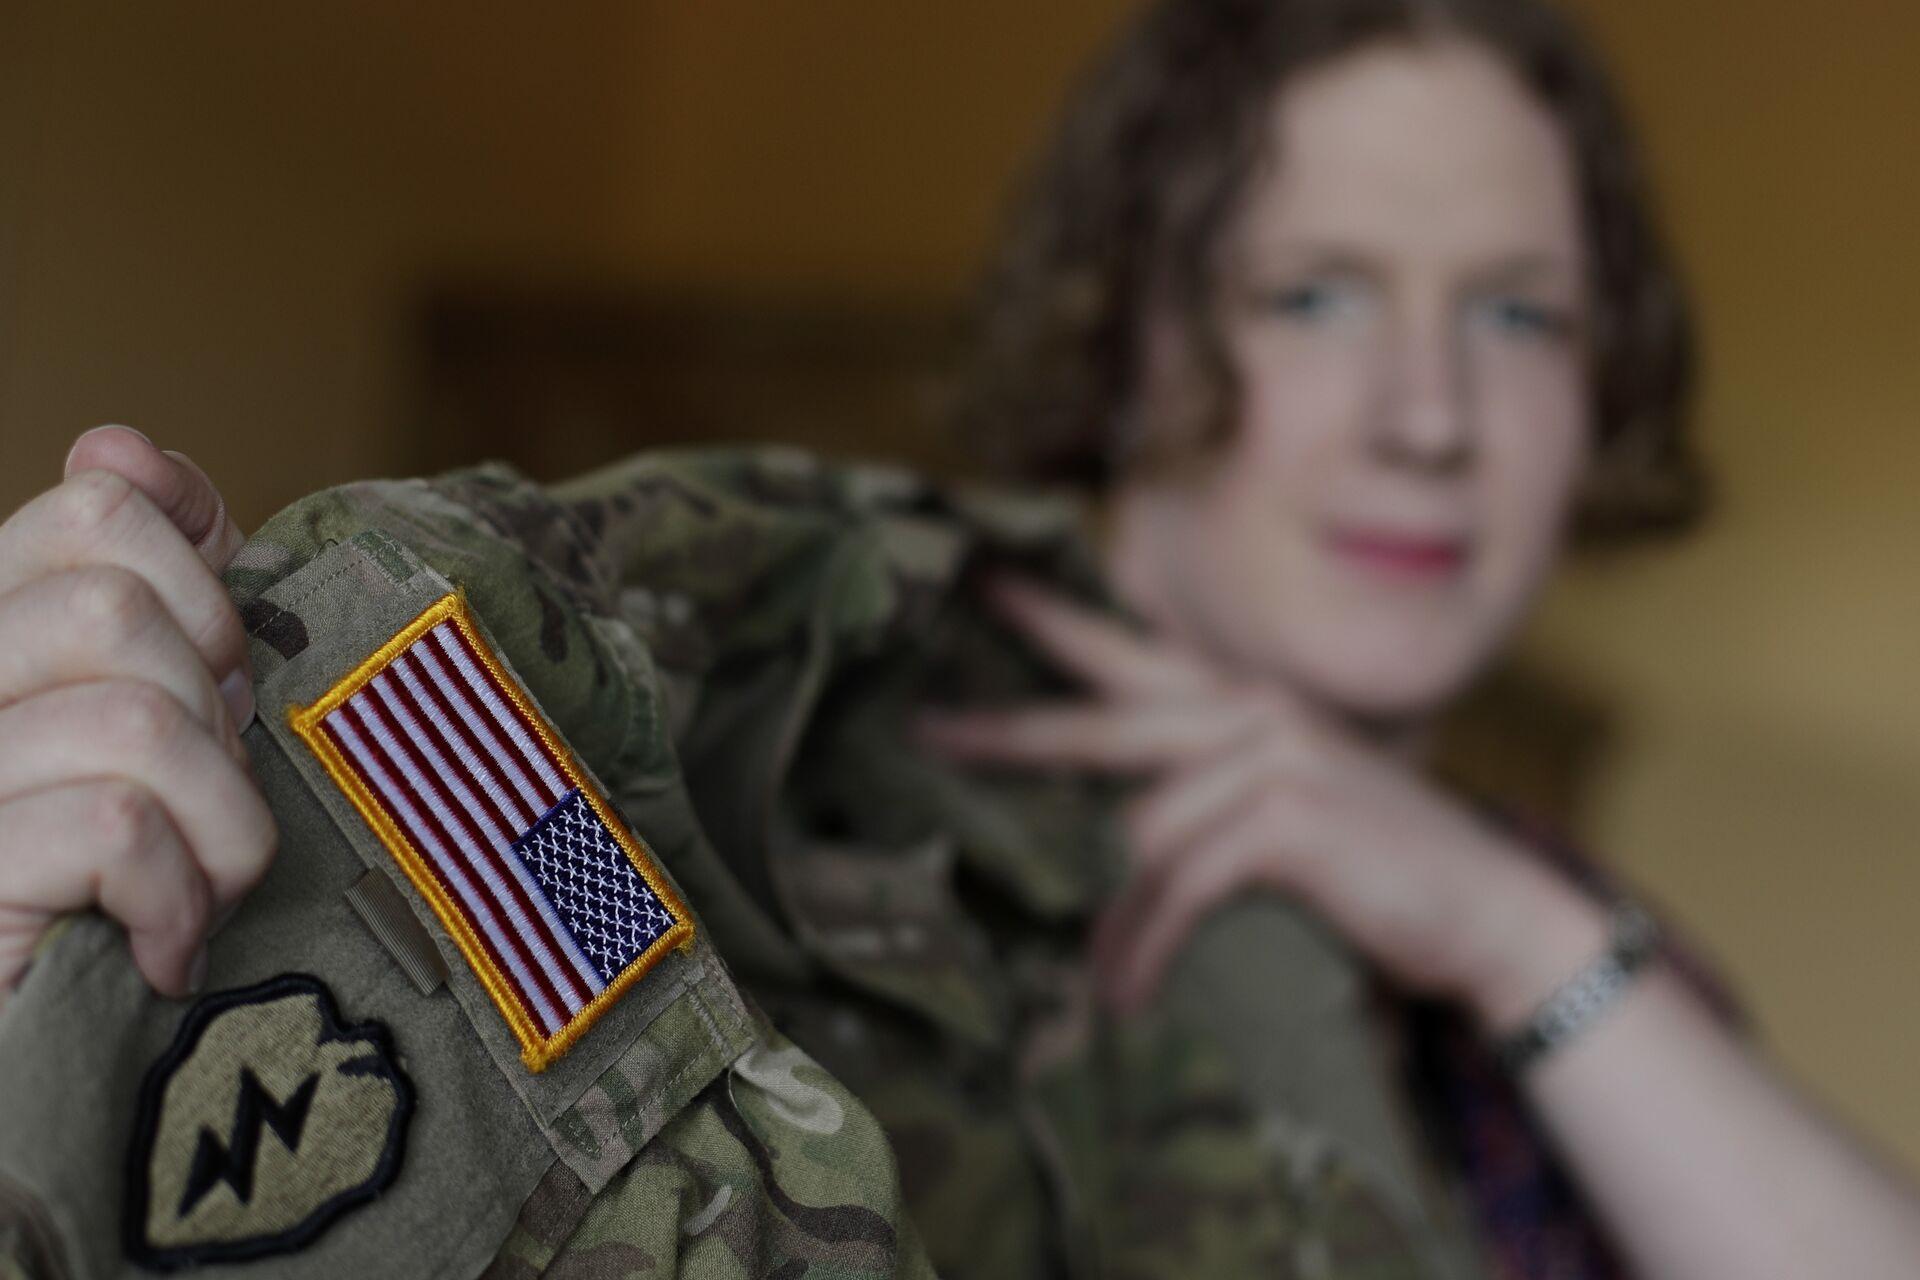 Военнослужащая-трансгендер капитан Дженнифер Симс во время интервью. 29 августа 2017  - РИА Новости, 1920, 28.01.2021